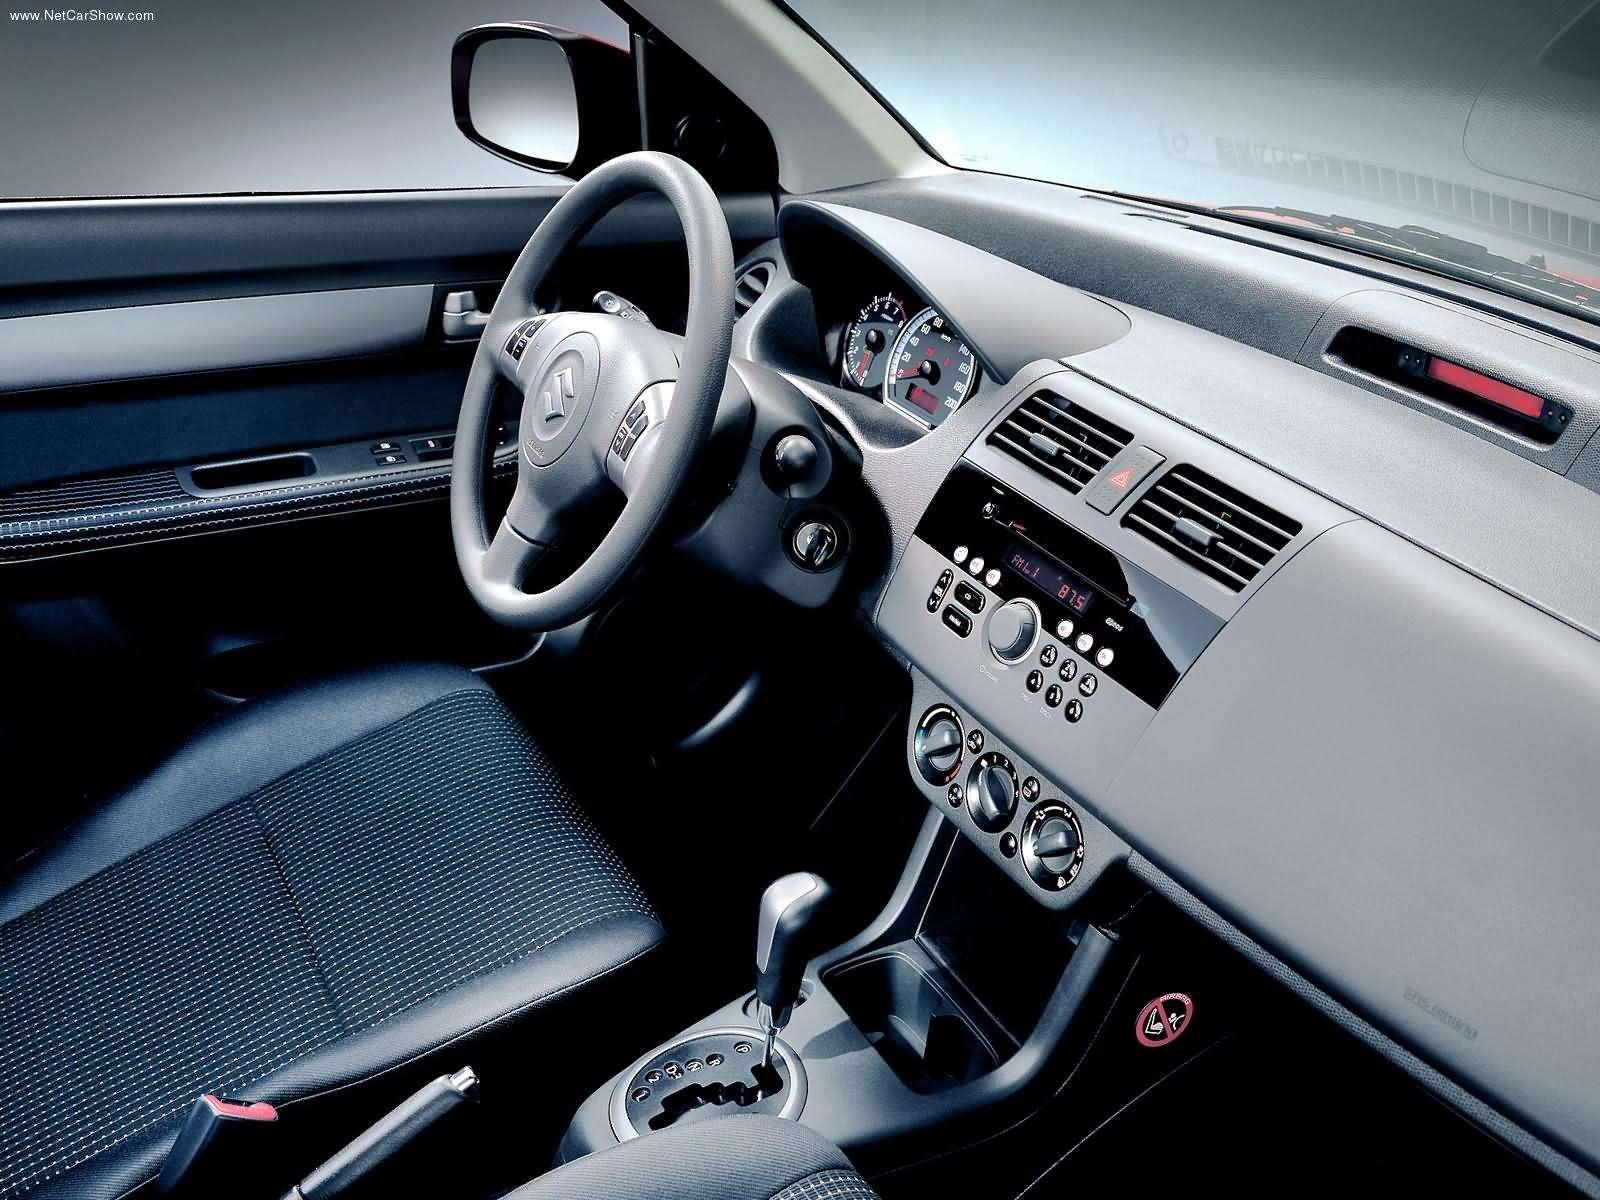 Hình ảnh xe ô tô Suzuki Swift VVT 2005 & nội ngoại thất